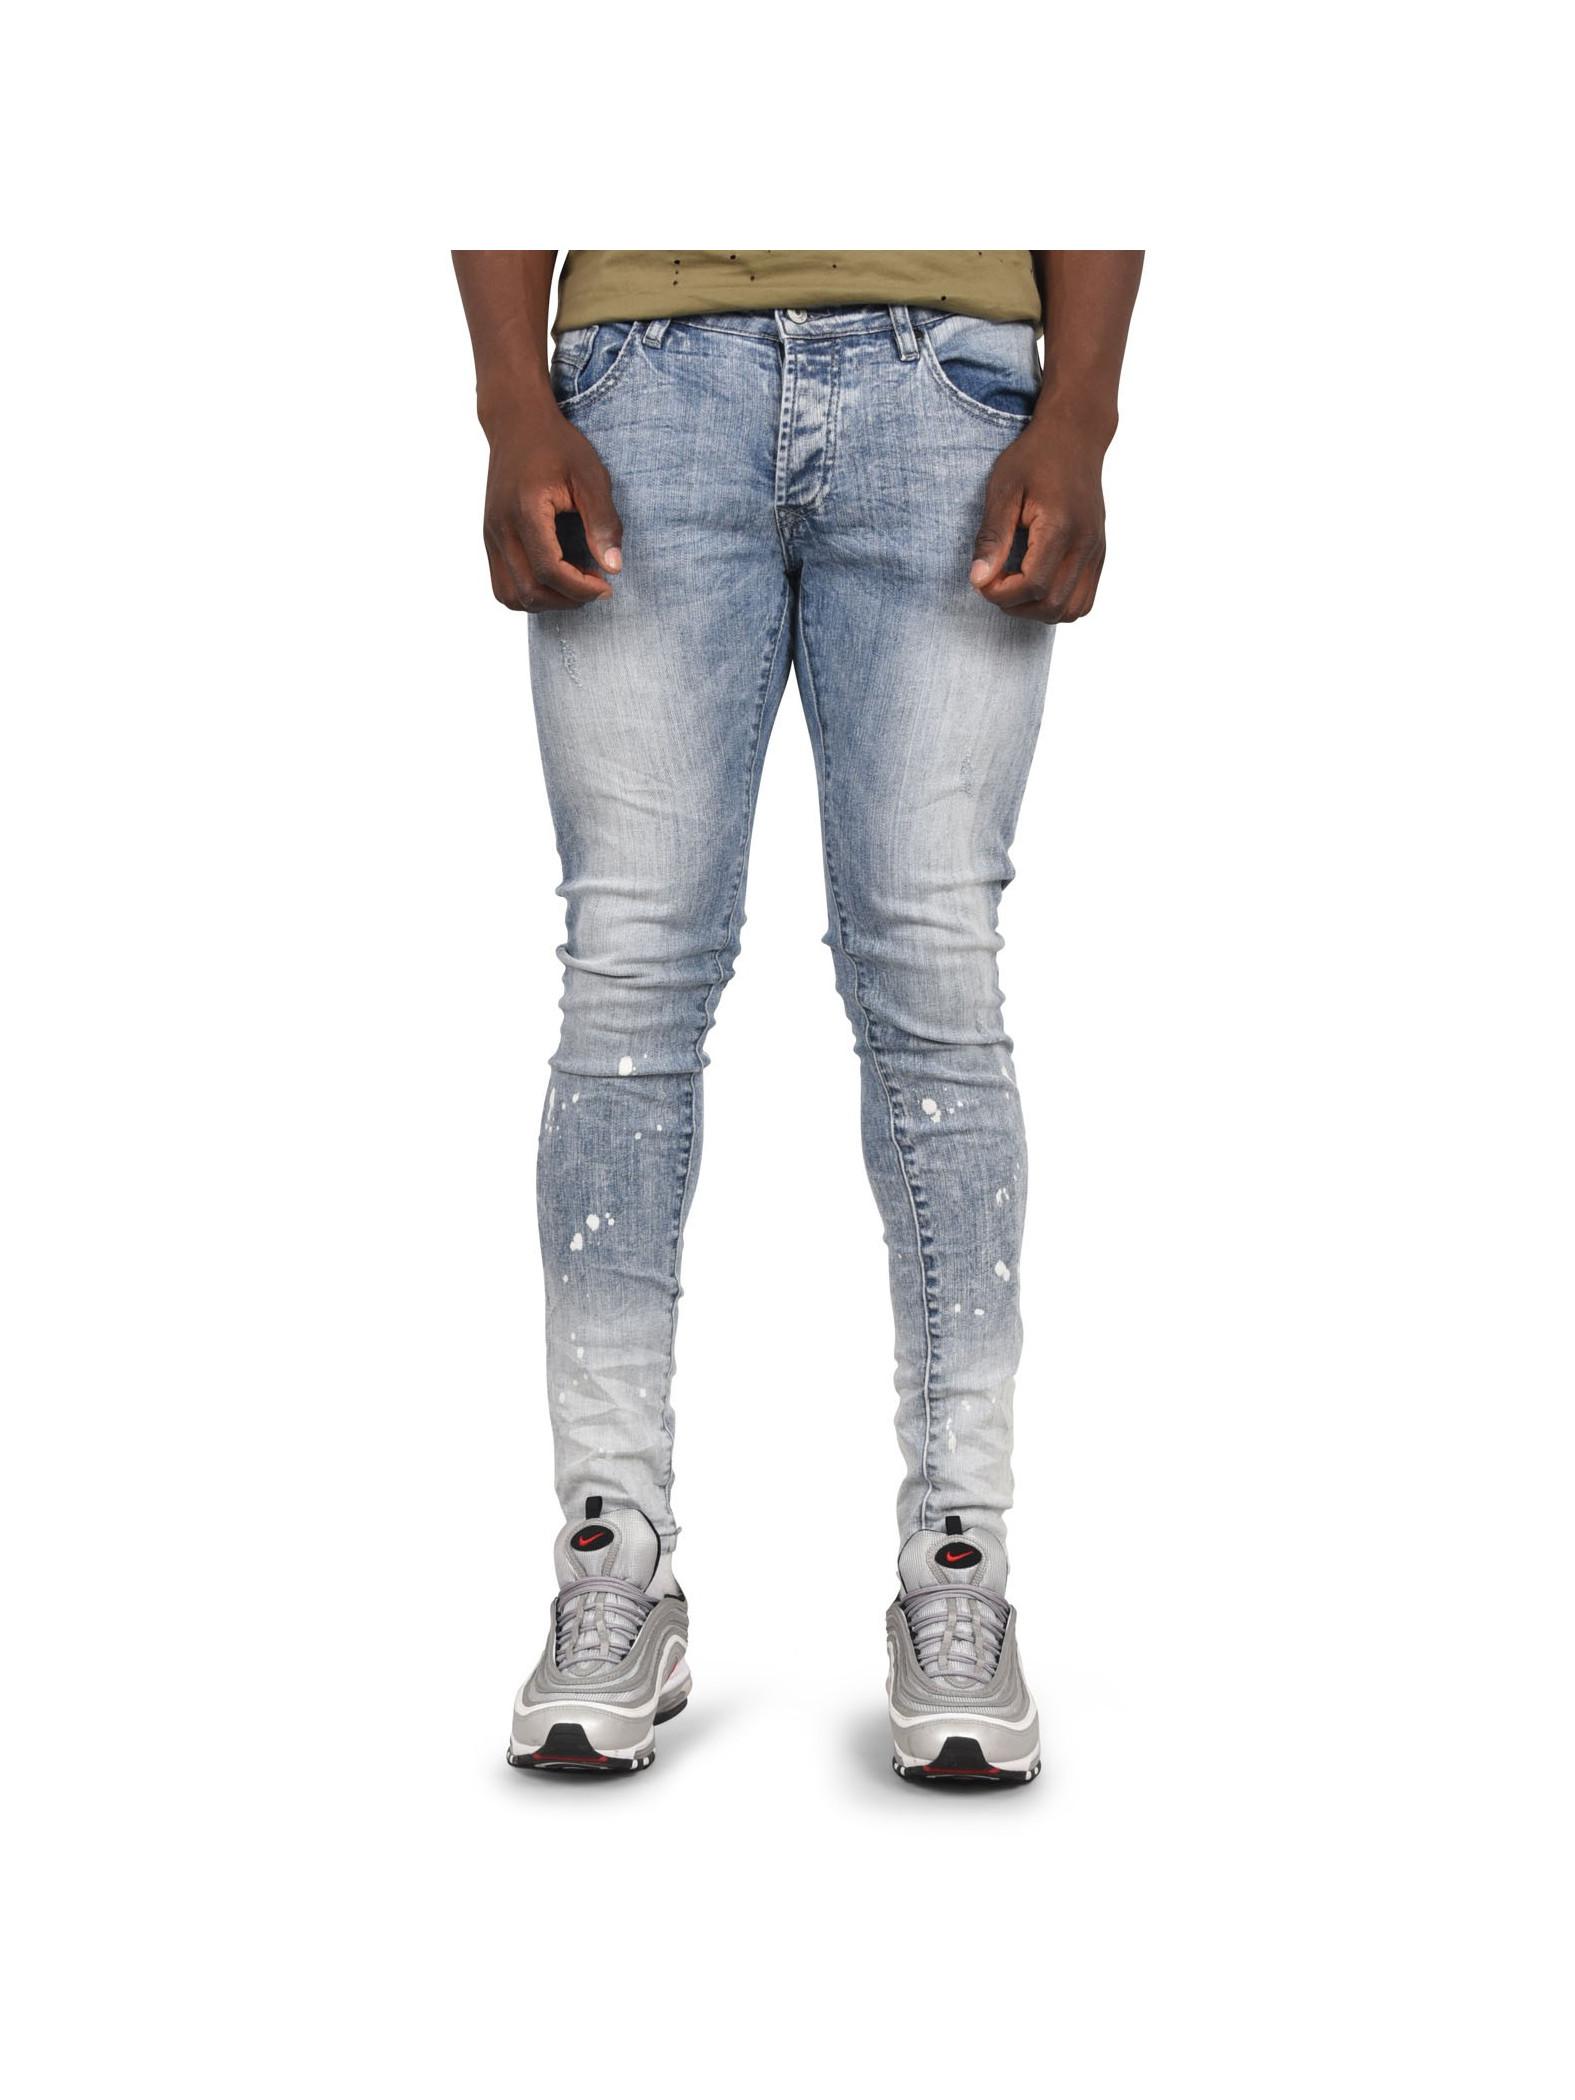 Jean X Project Dye And Tacheté Et Paris Tie Skinny Homme Effet Rxwqz1PR